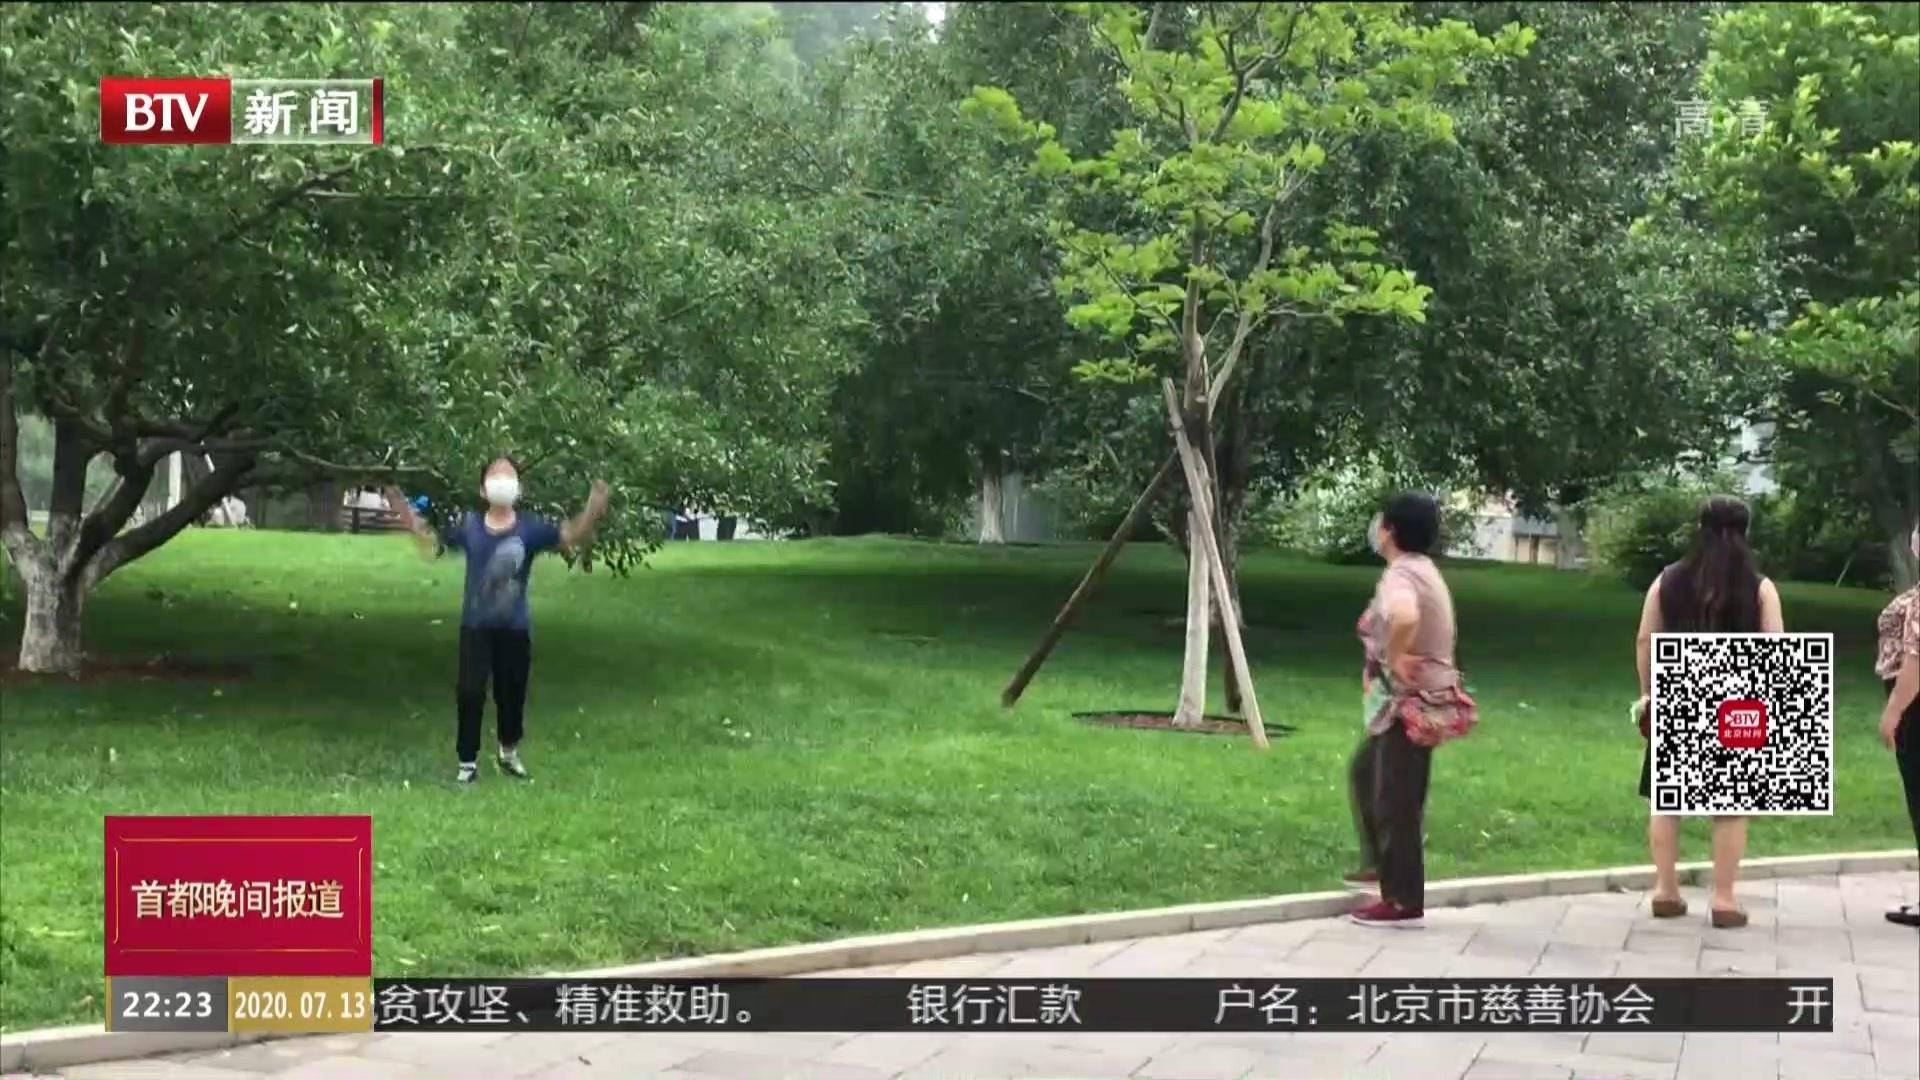 """""""文明行为条例""""实施满月:记者探访公园  不文明行为有""""规""""难行"""